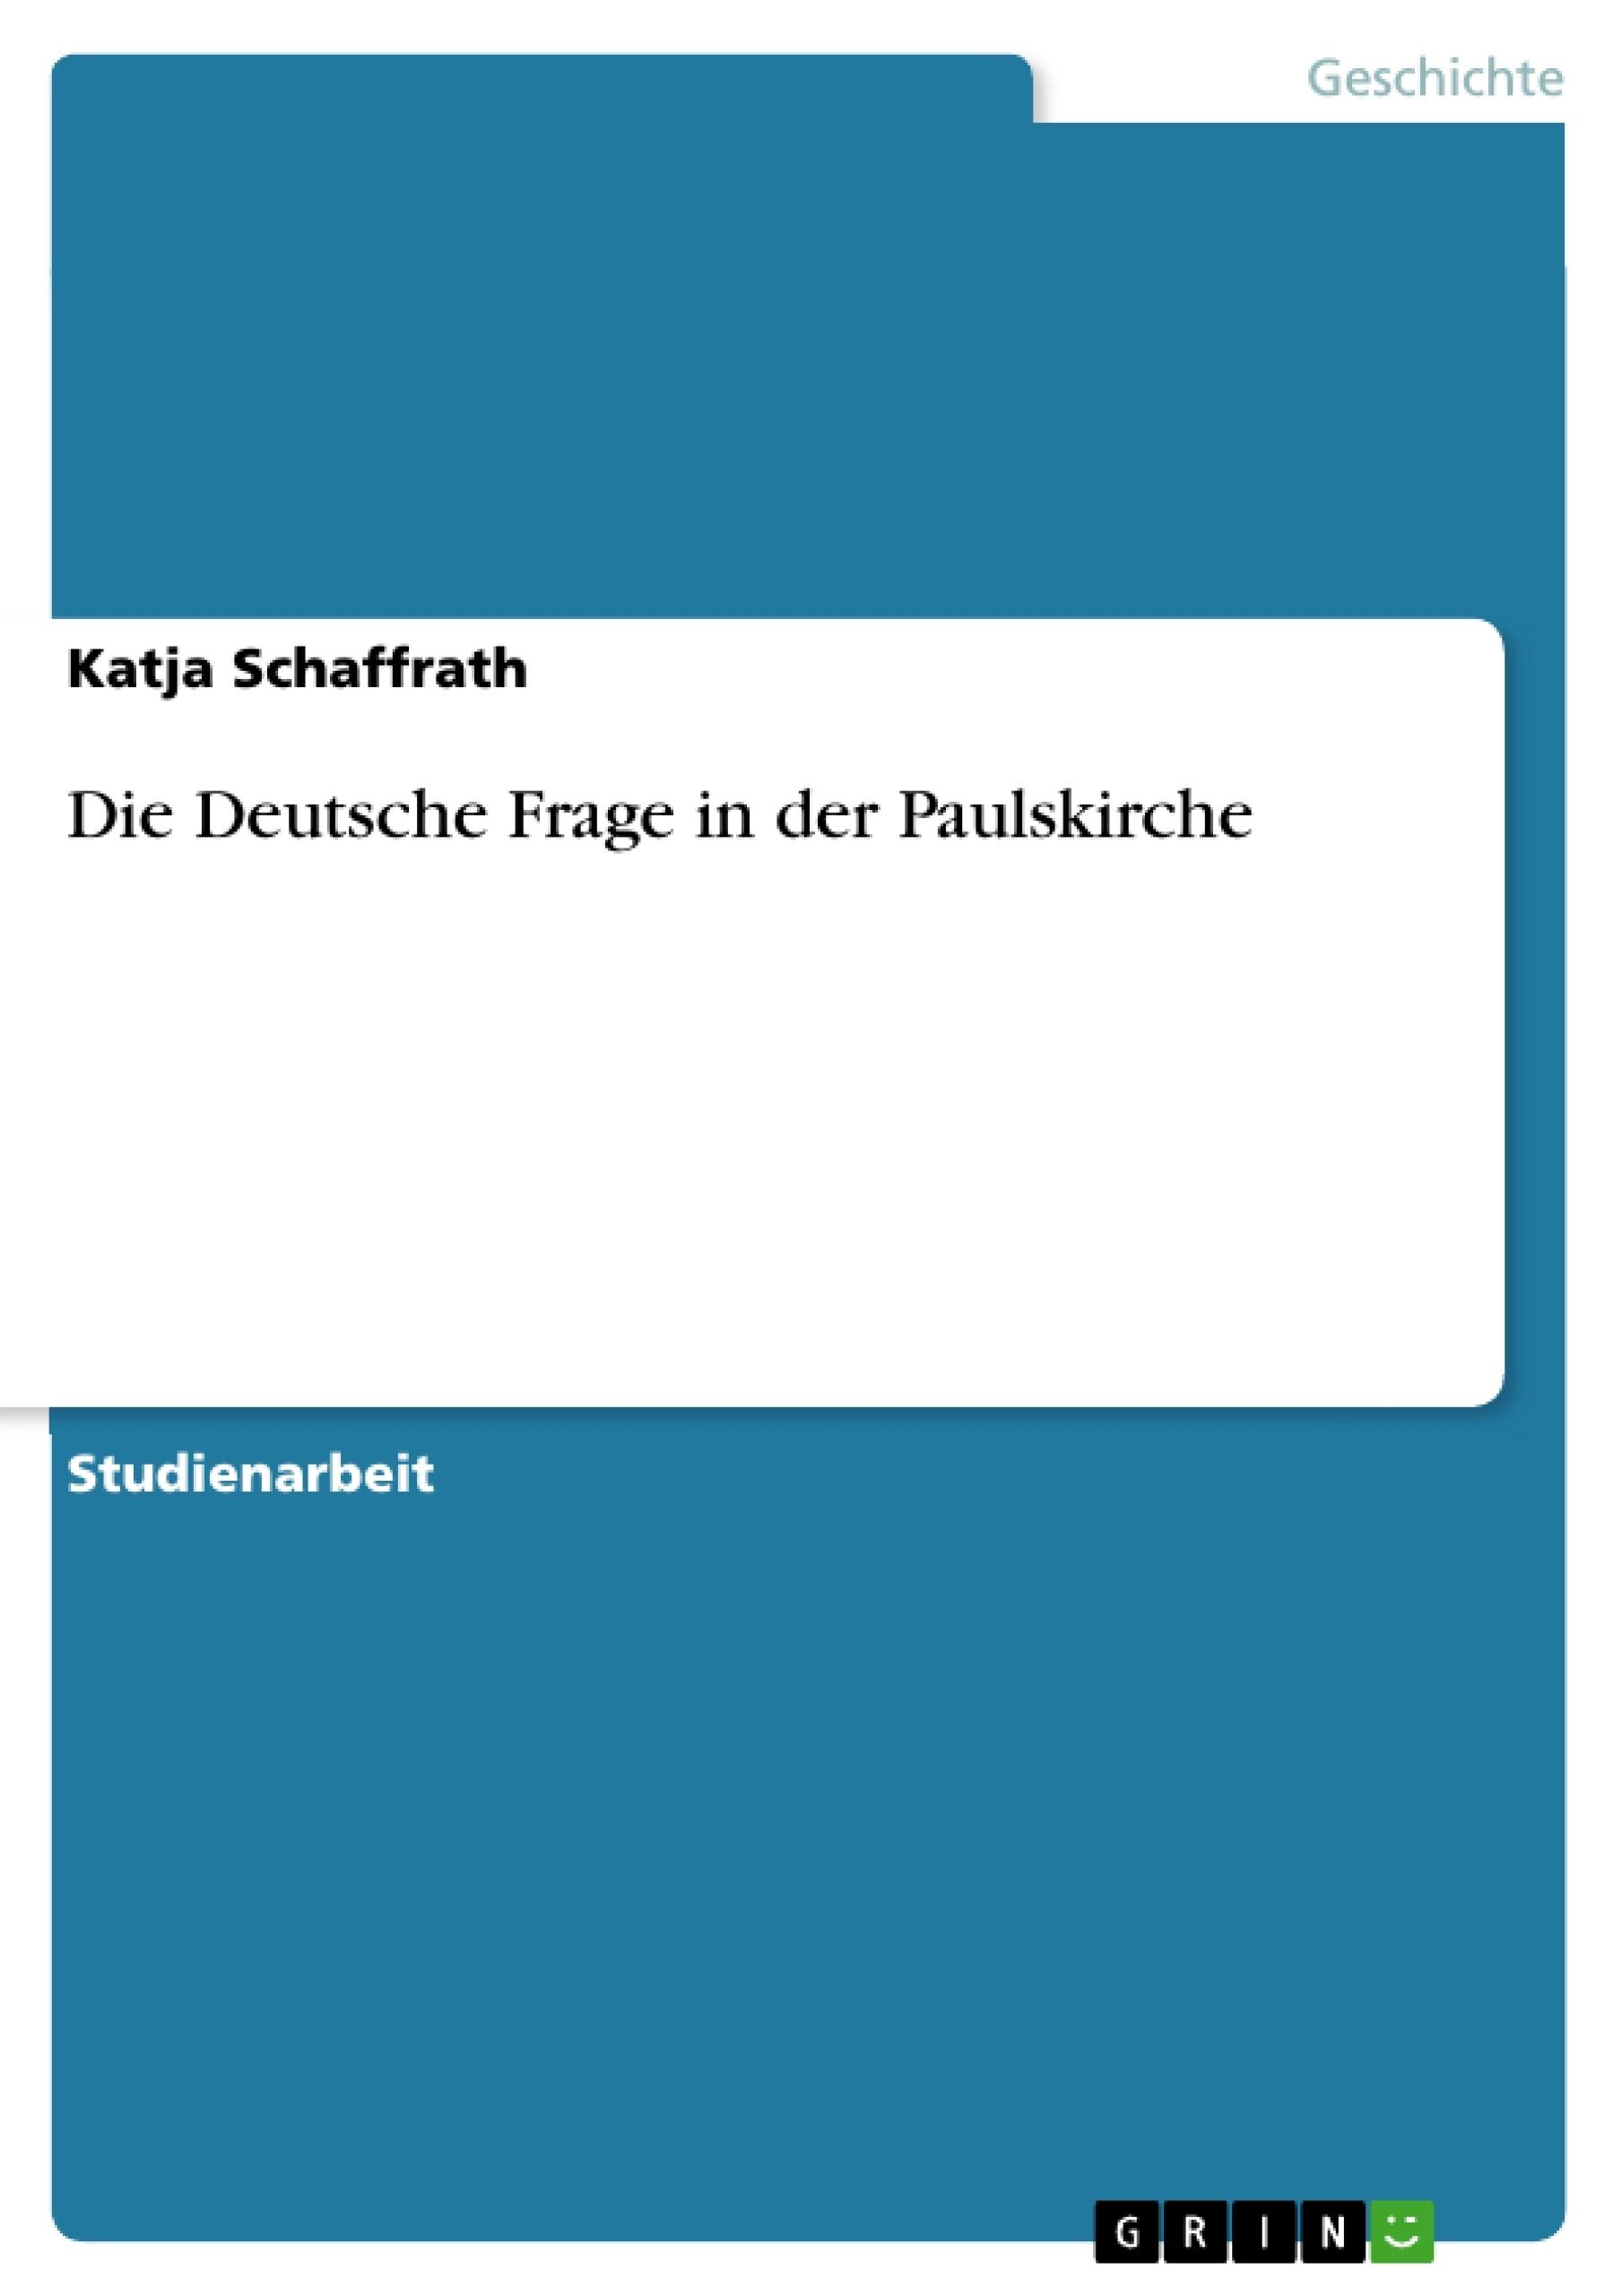 Titel: Die Deutsche Frage in der Paulskirche